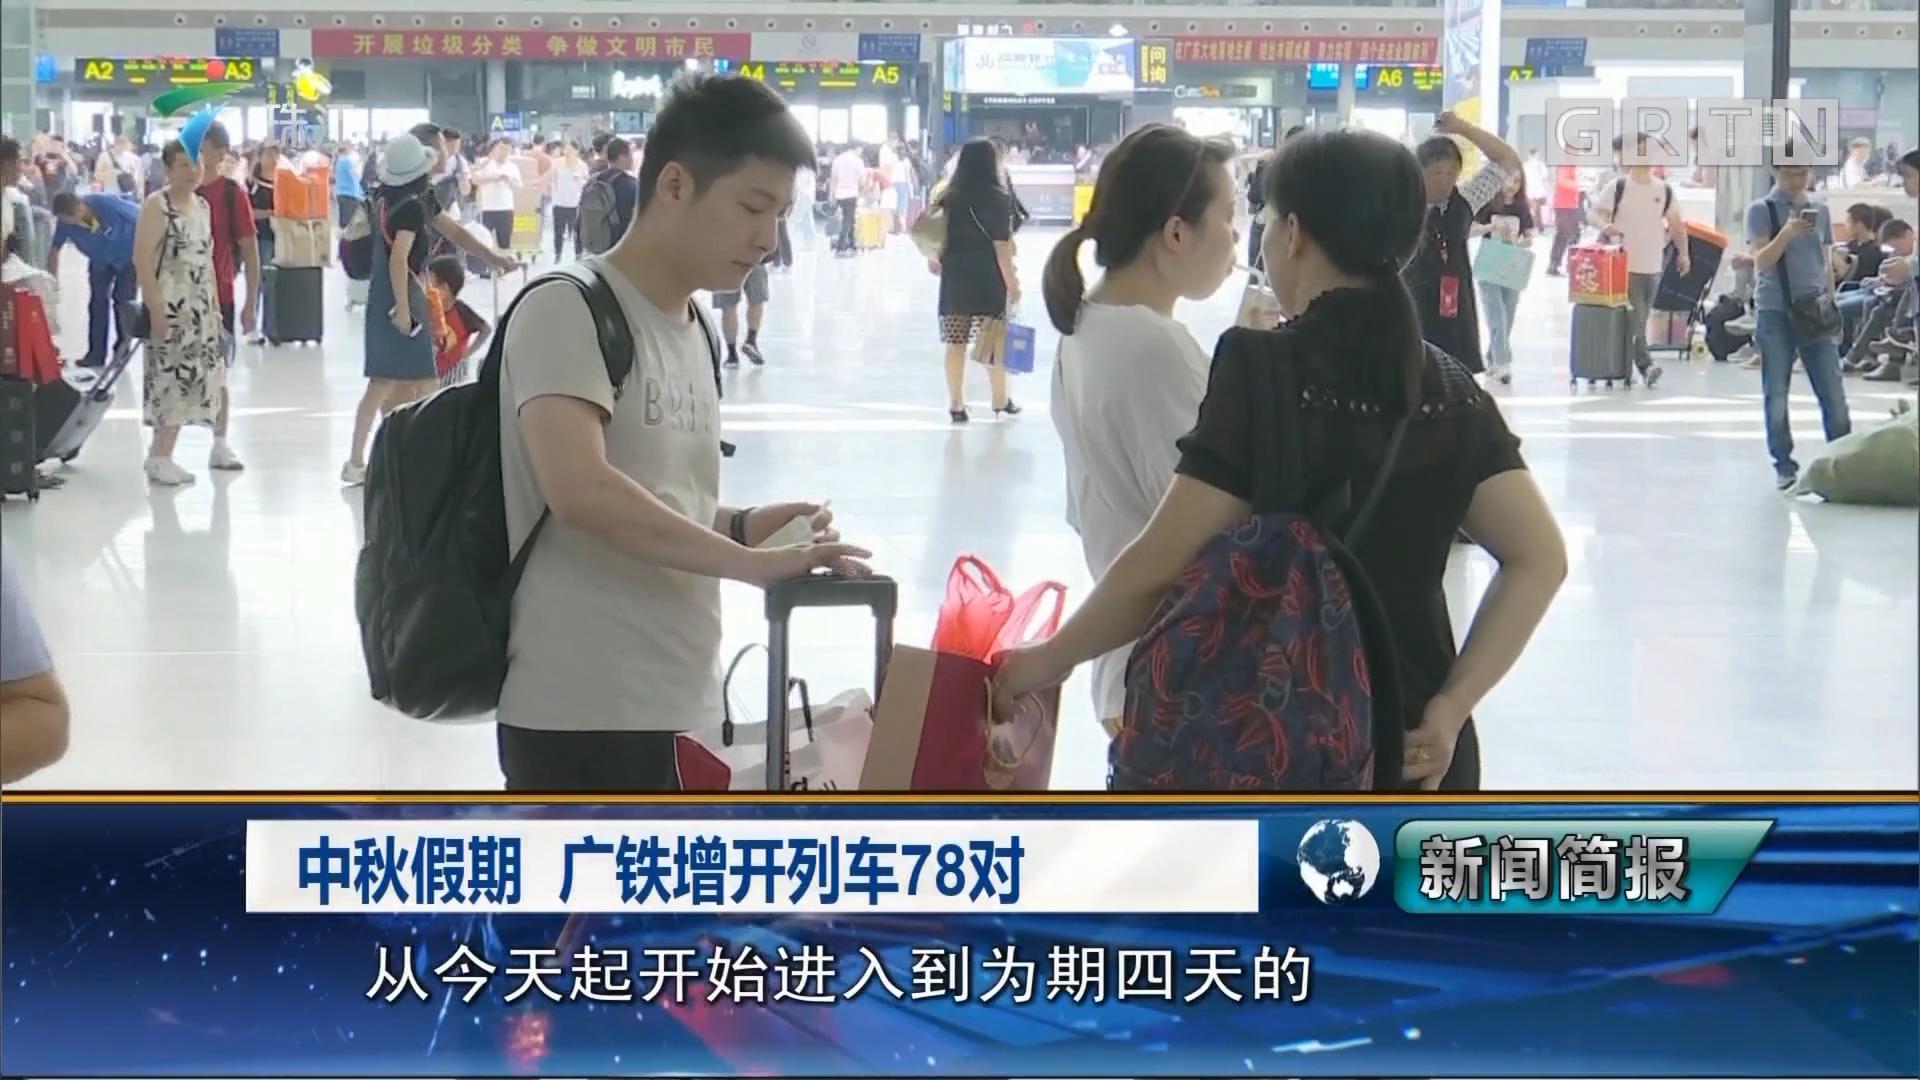 中秋假期 广铁增开列车78对